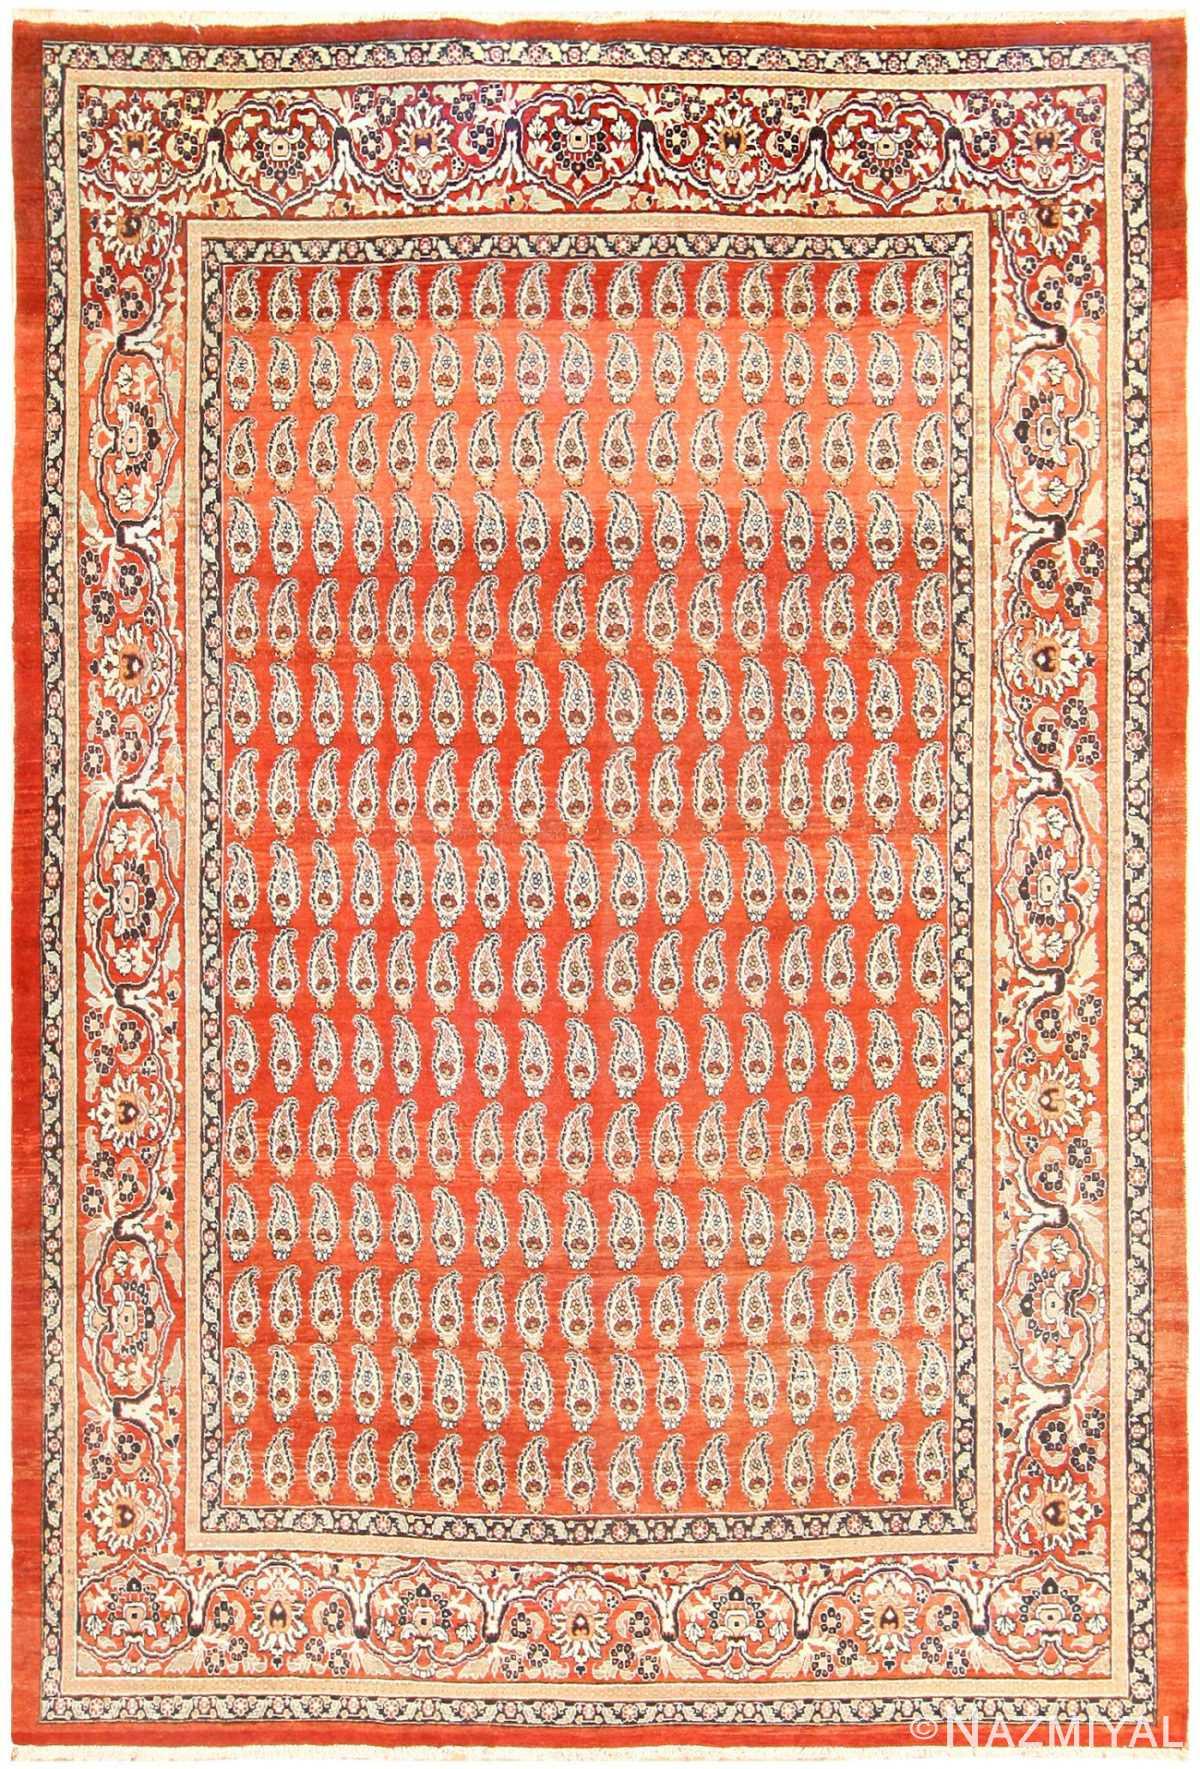 Antique Tabriz Persian Carpet 50219 Nazmiyal